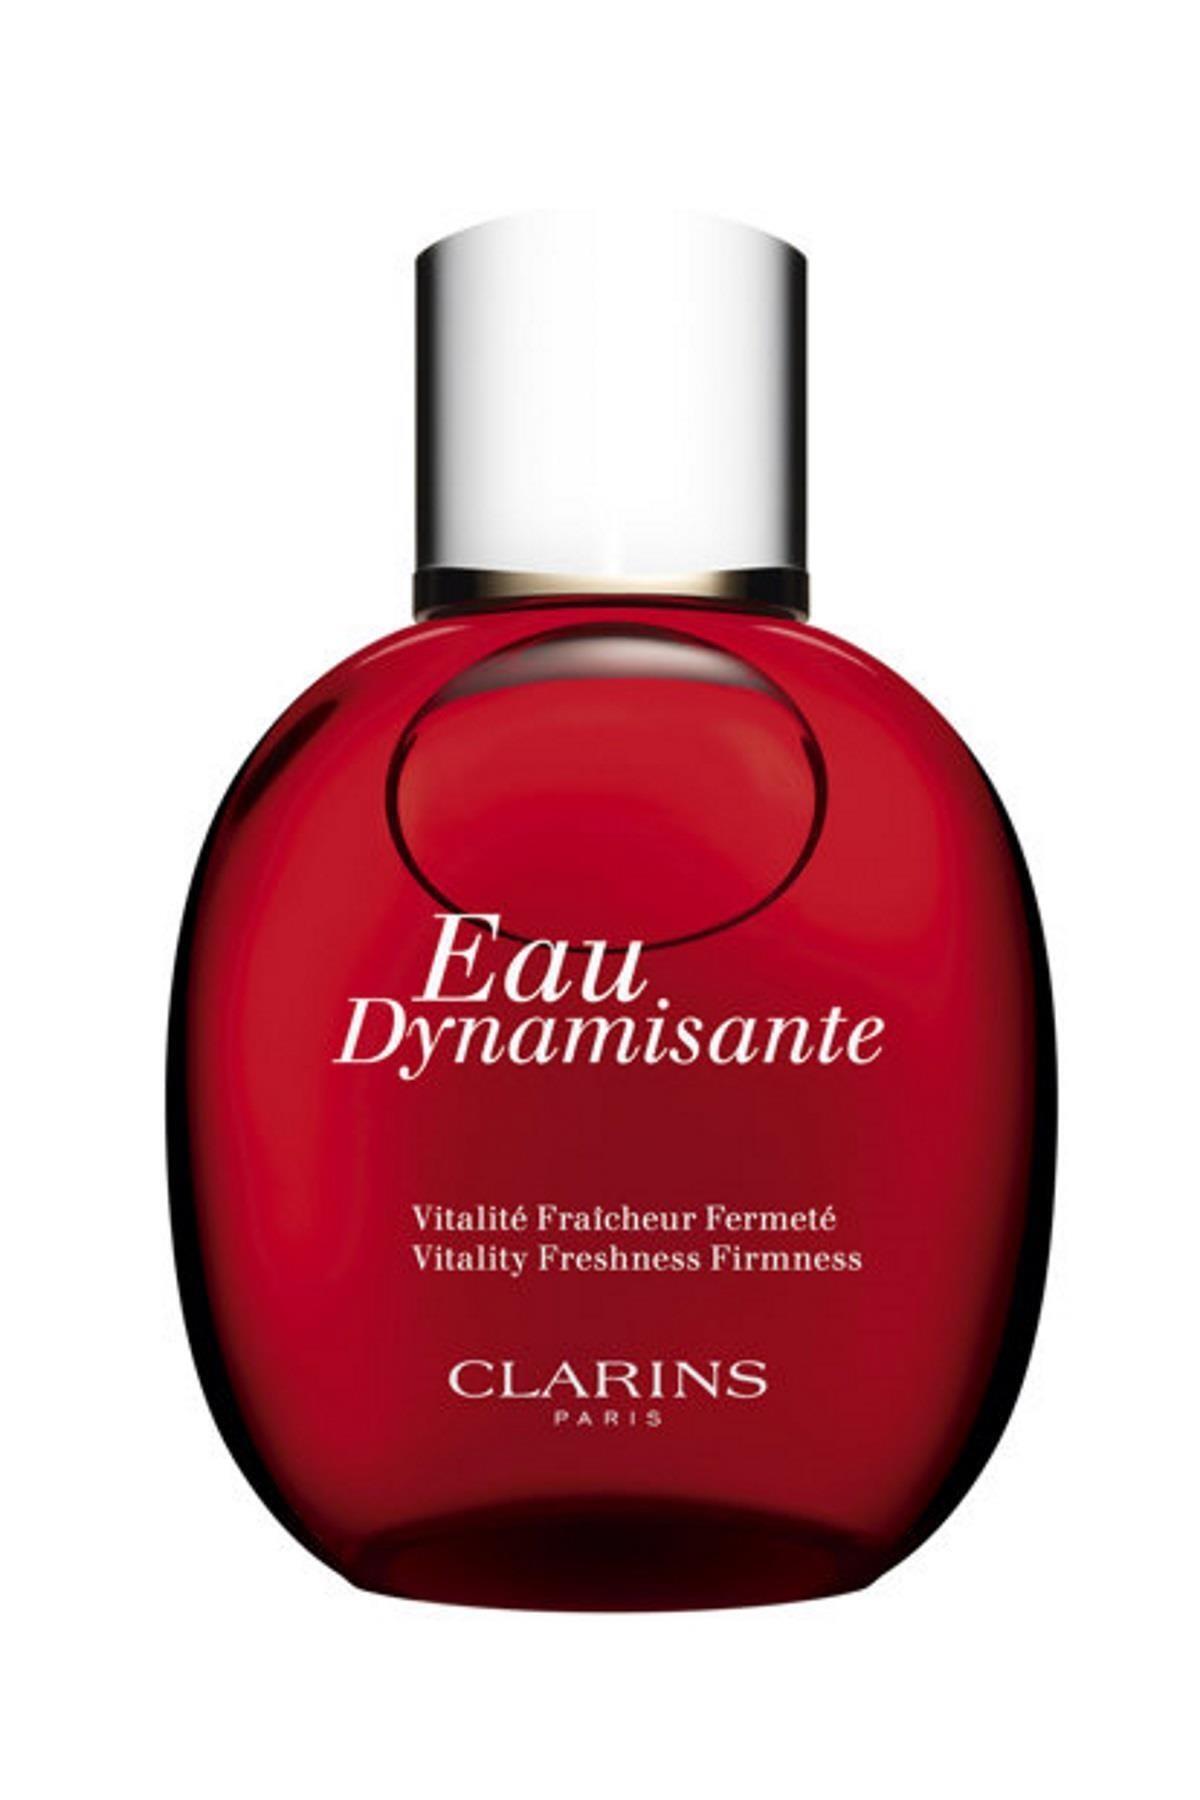 Clarins Eau Dynamisante Edt 100 ml 1